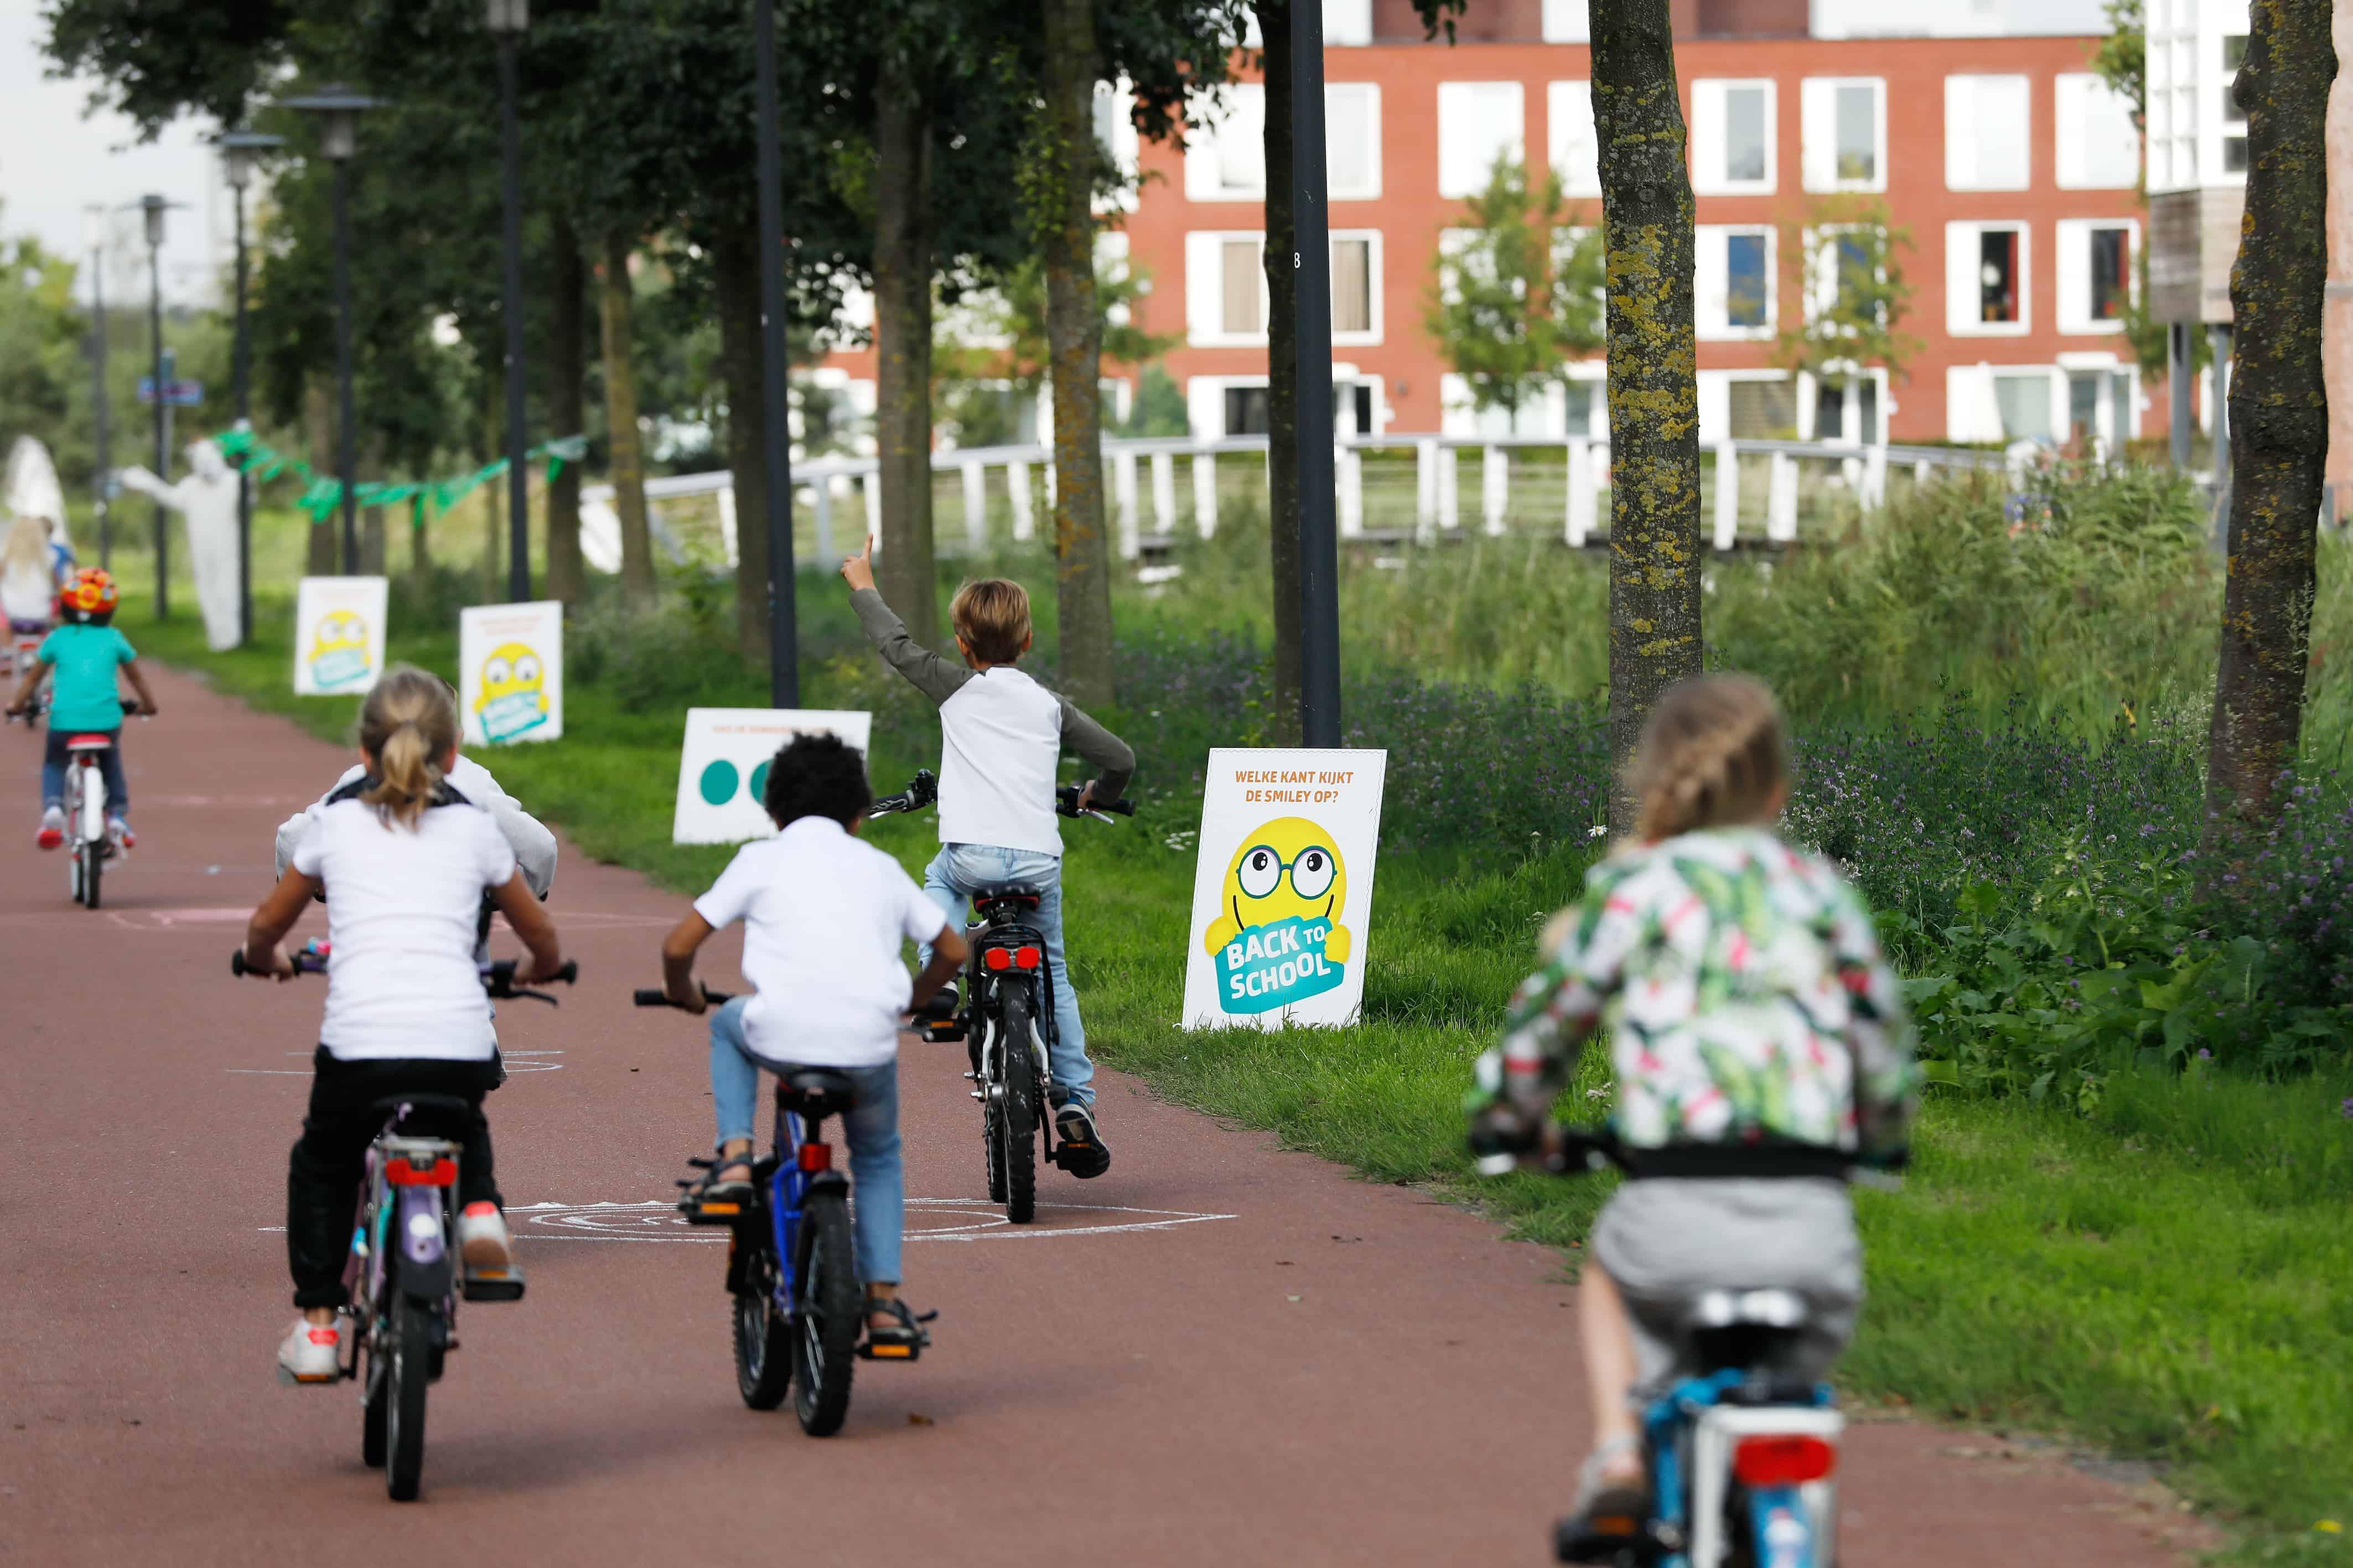 Veilig op de fiets naar school fietsen - Mamaliefde.nl